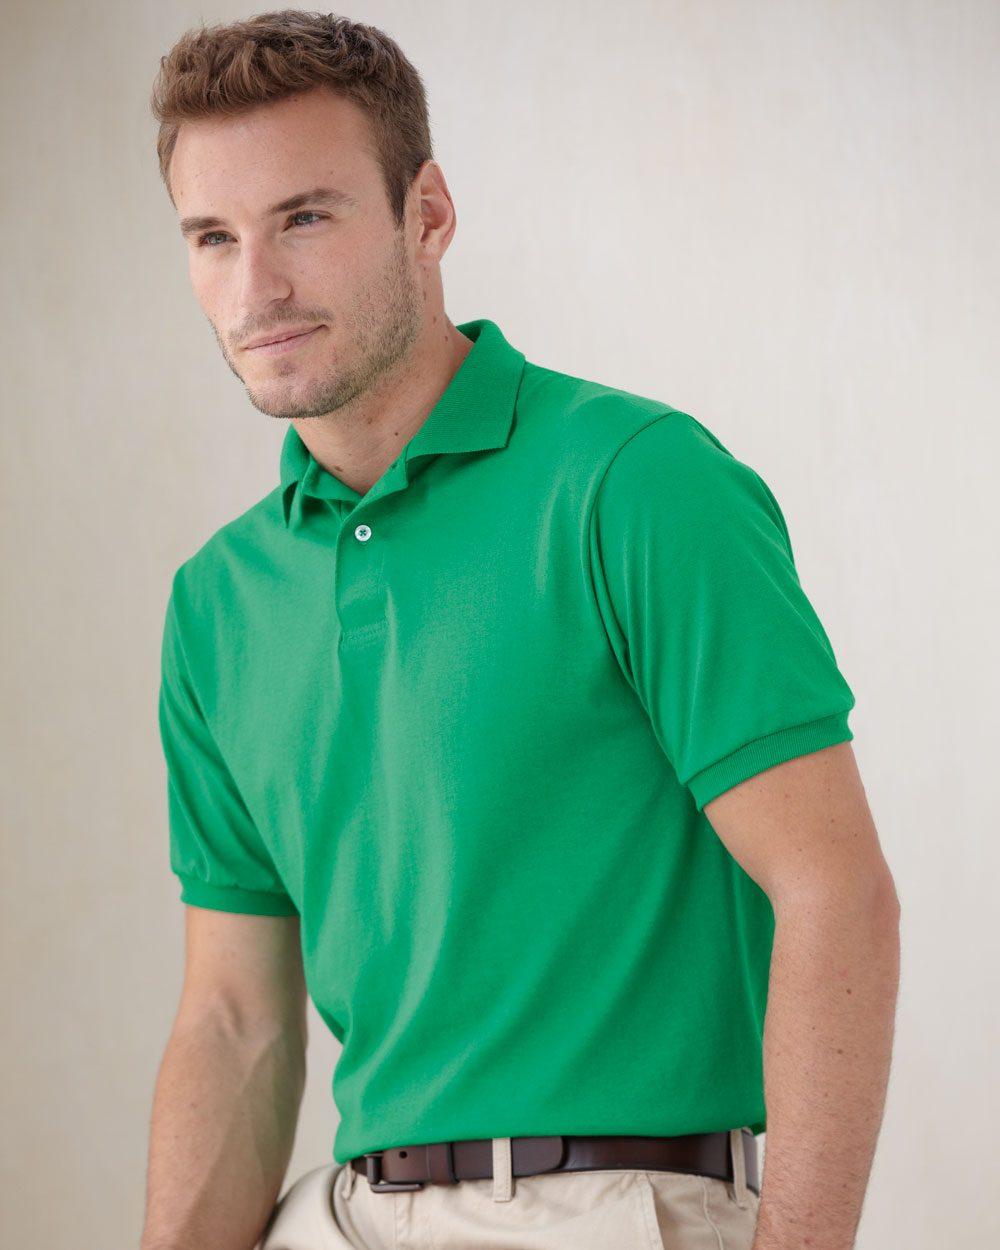 Hanes 054X - Ecosmart Jersey Sport Shirt